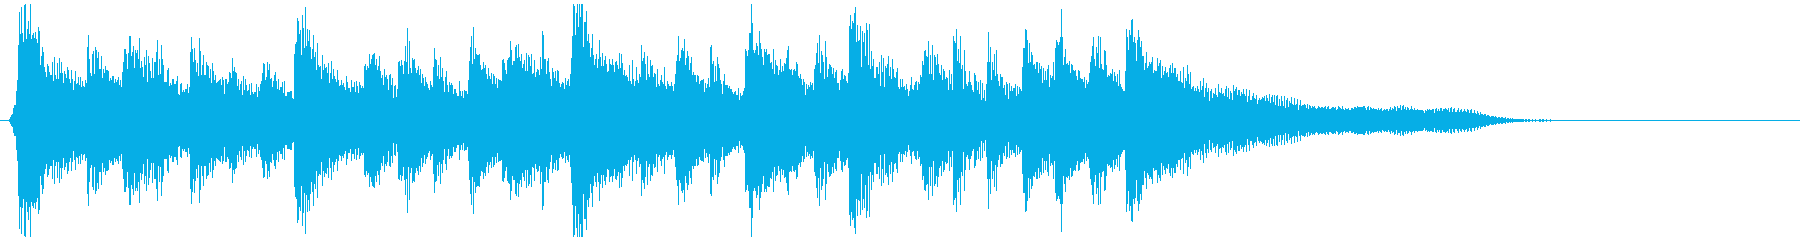 ウクレレ、穏やかサーフミュージック系ロゴの再生済みの波形